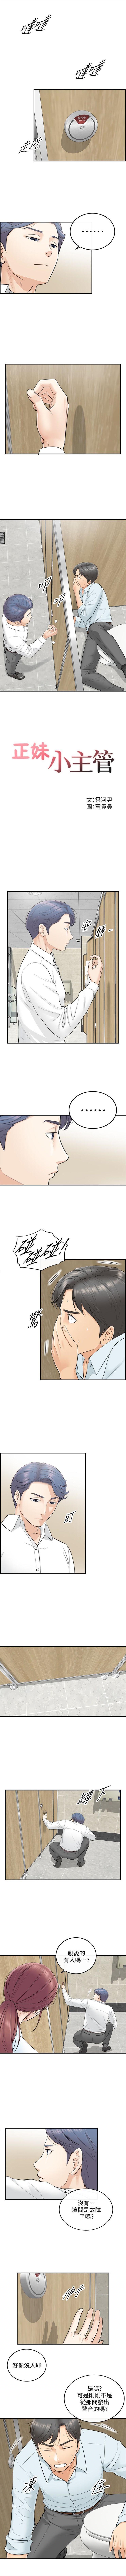 (週5)正妹小主管 1-39 中文翻譯(更新中) 23